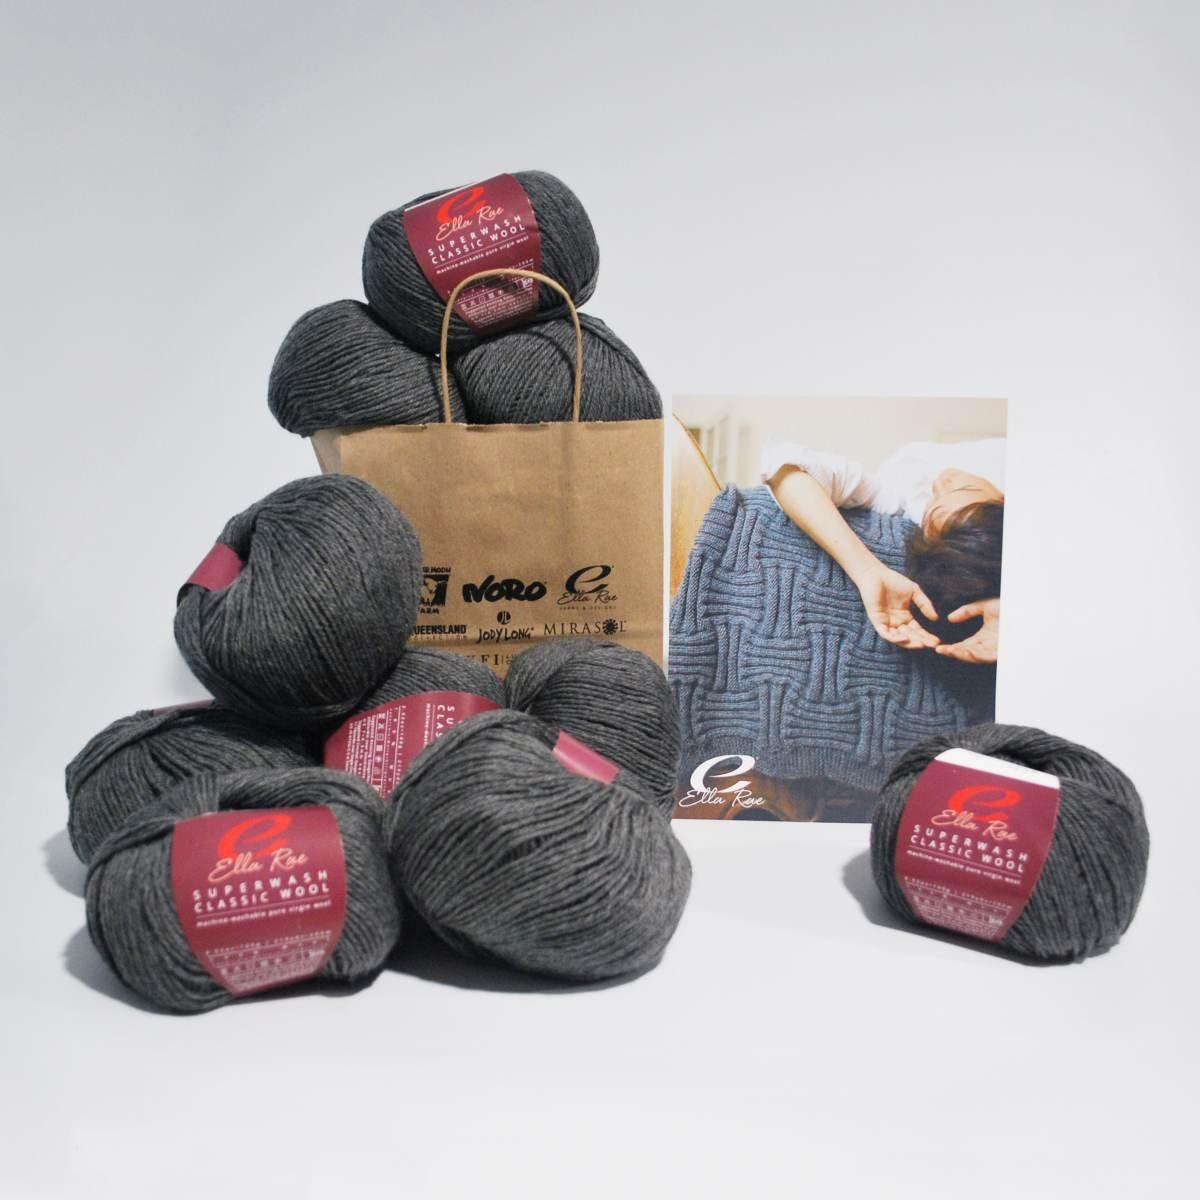 Basketweave Throw in Ella Rae Classic Superwash Wool